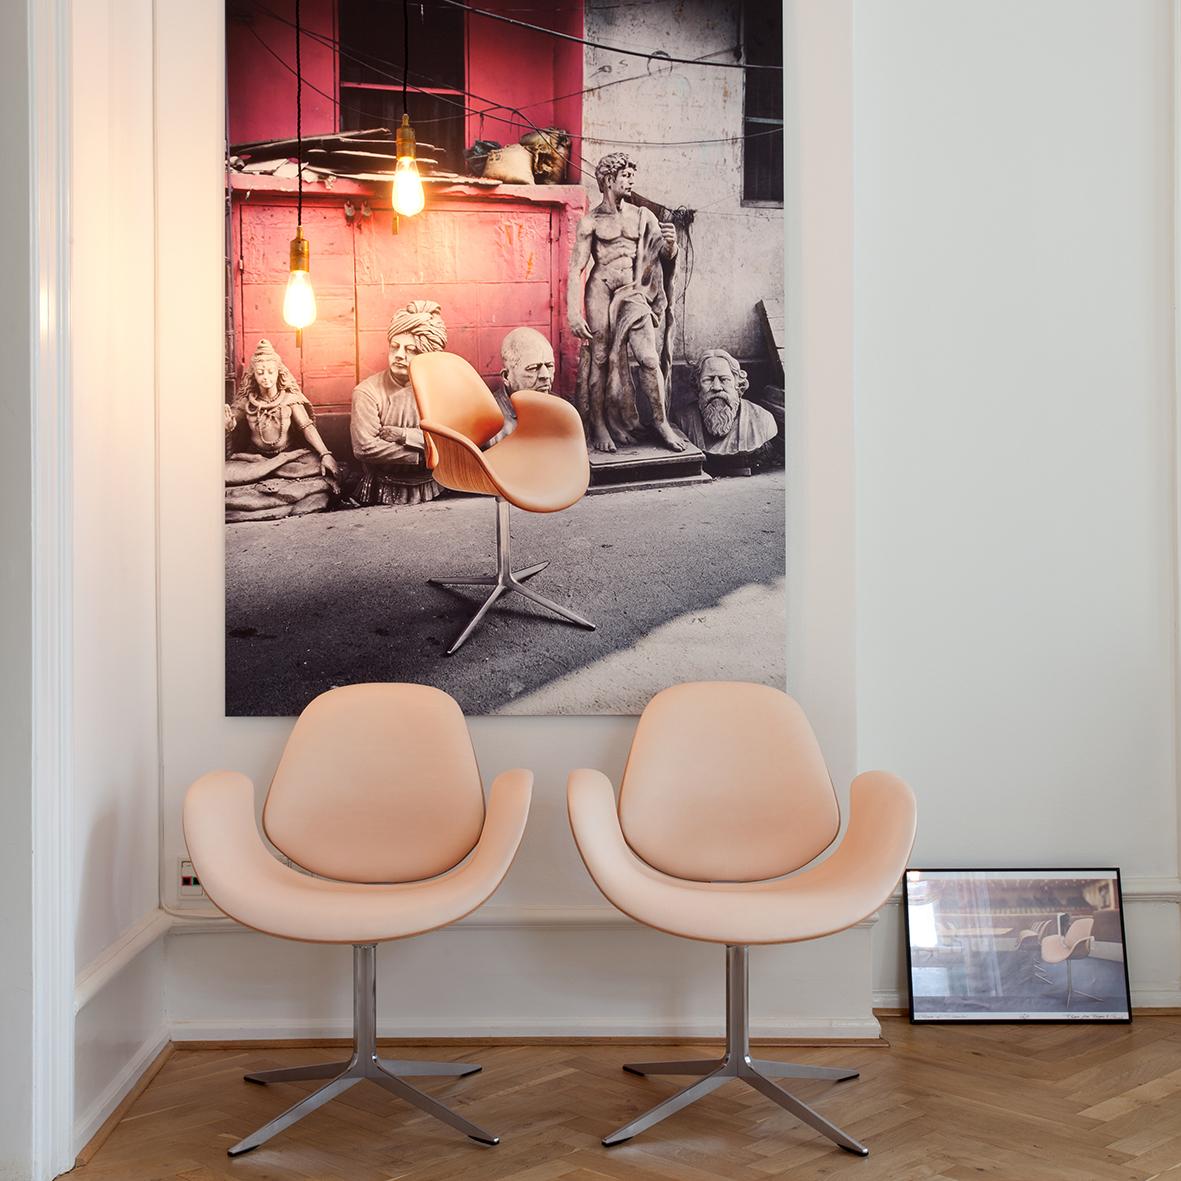 Стулья для офиса, фото модели Council. Фото 2